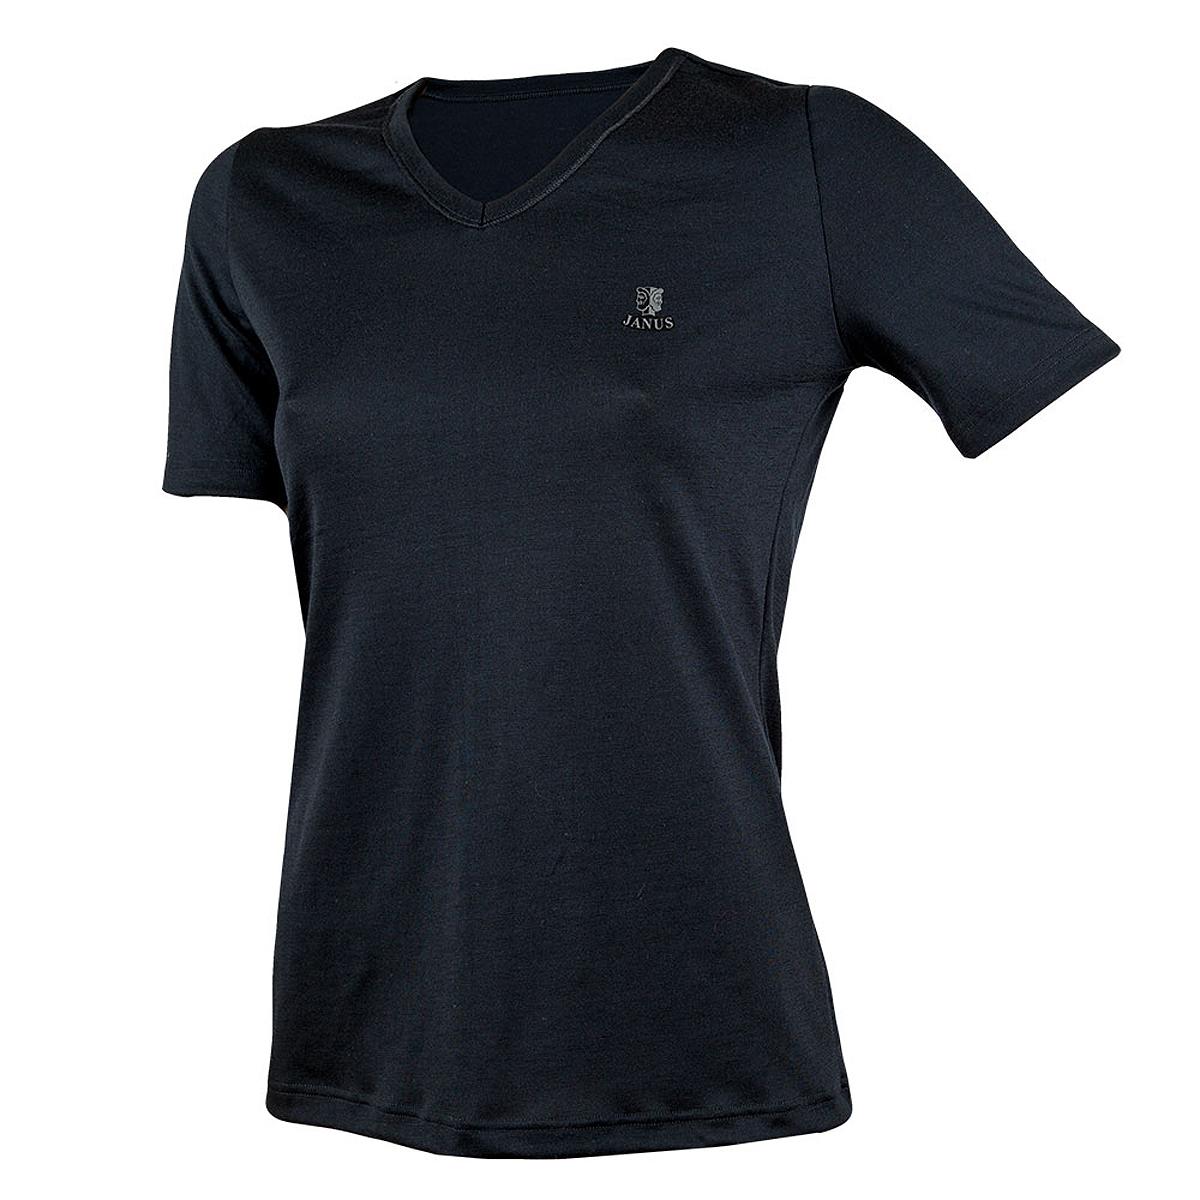 Janus t-shirt LightWool 100% merinoull dam svart